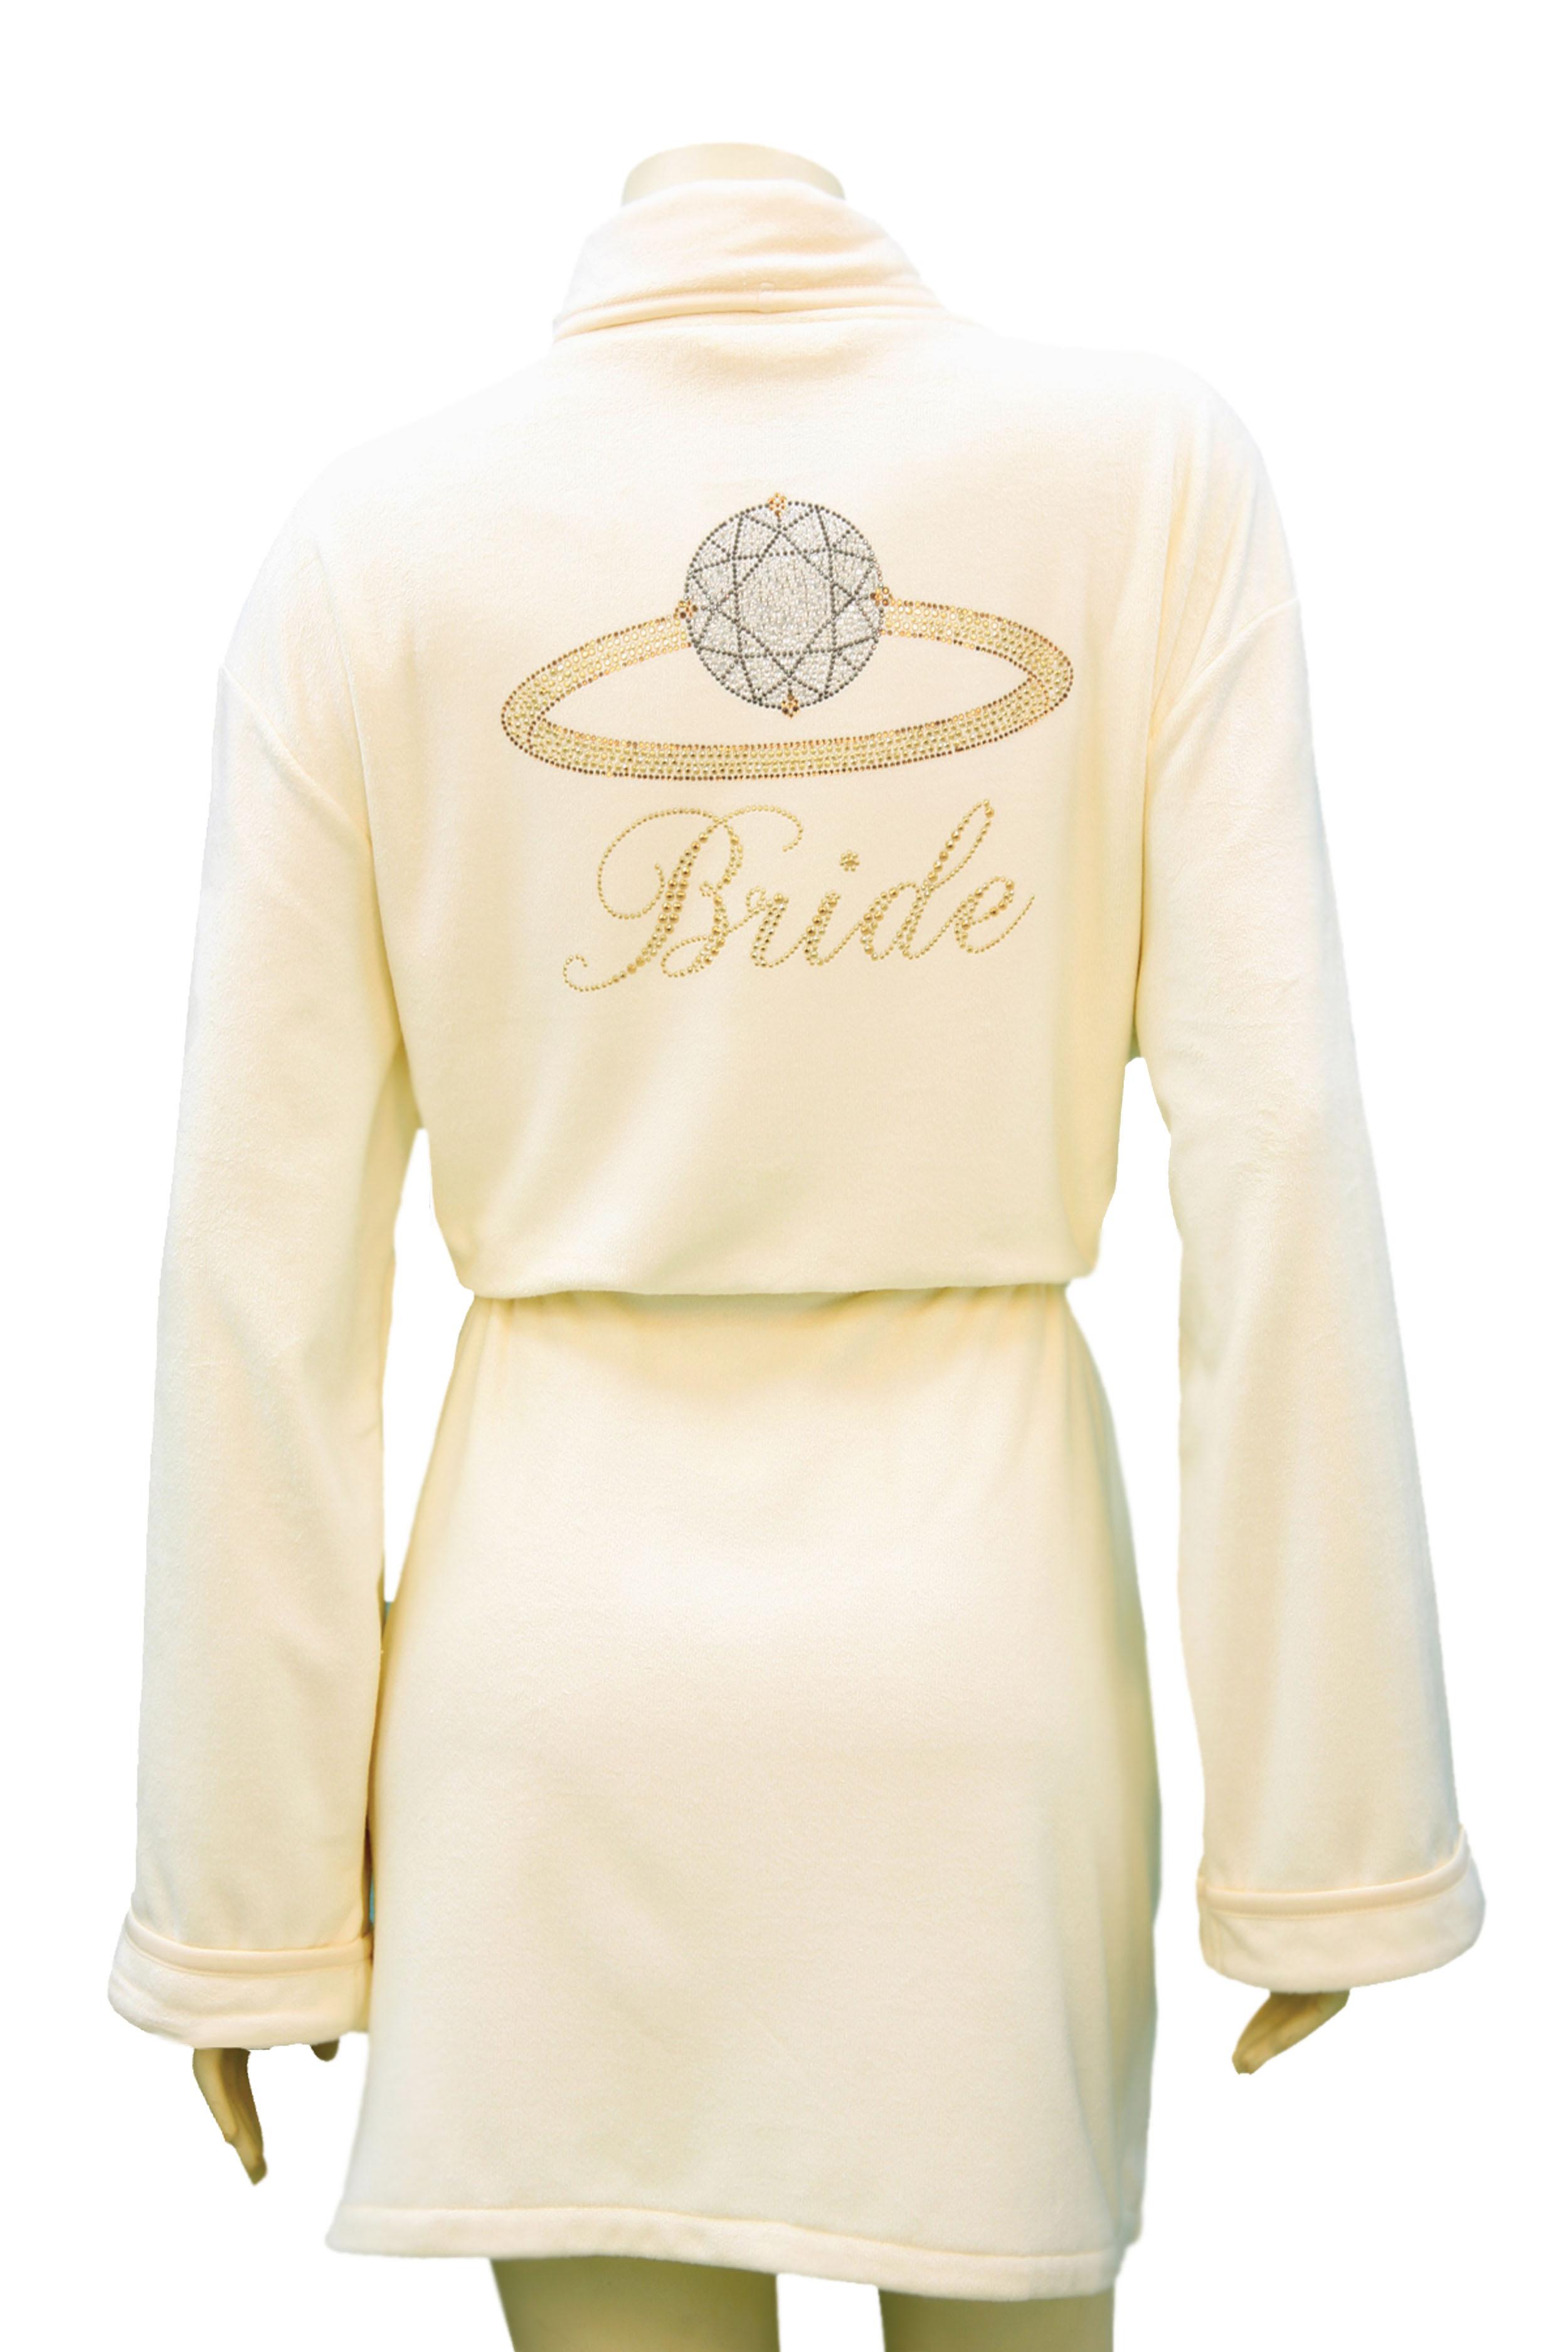 Wrap Up Bride Robe